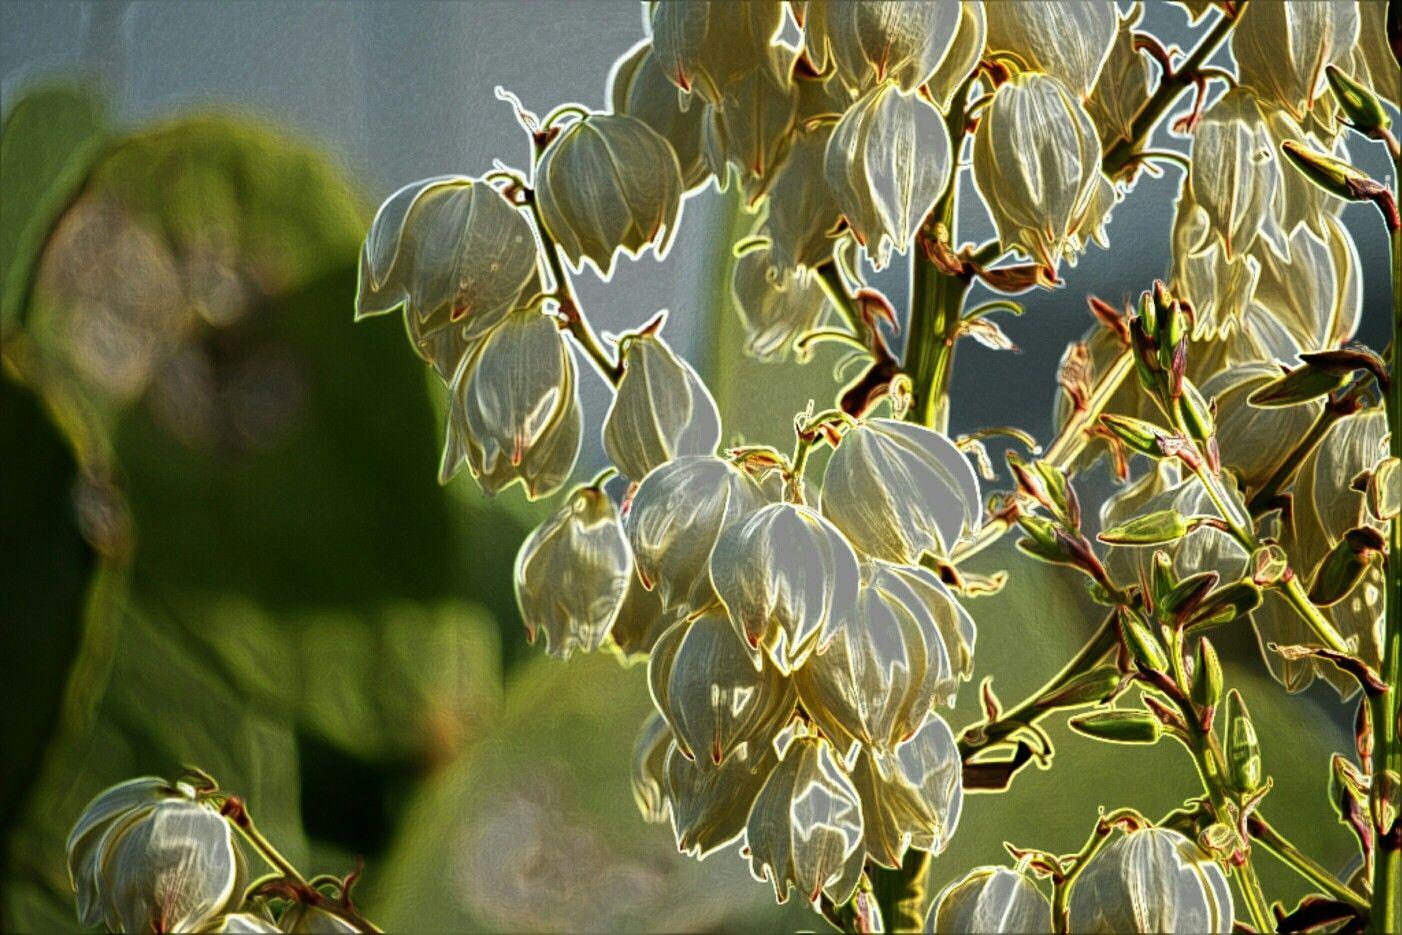 Unas flores que me gustan | Mis fotos editadas | Pinterest | Me gustas